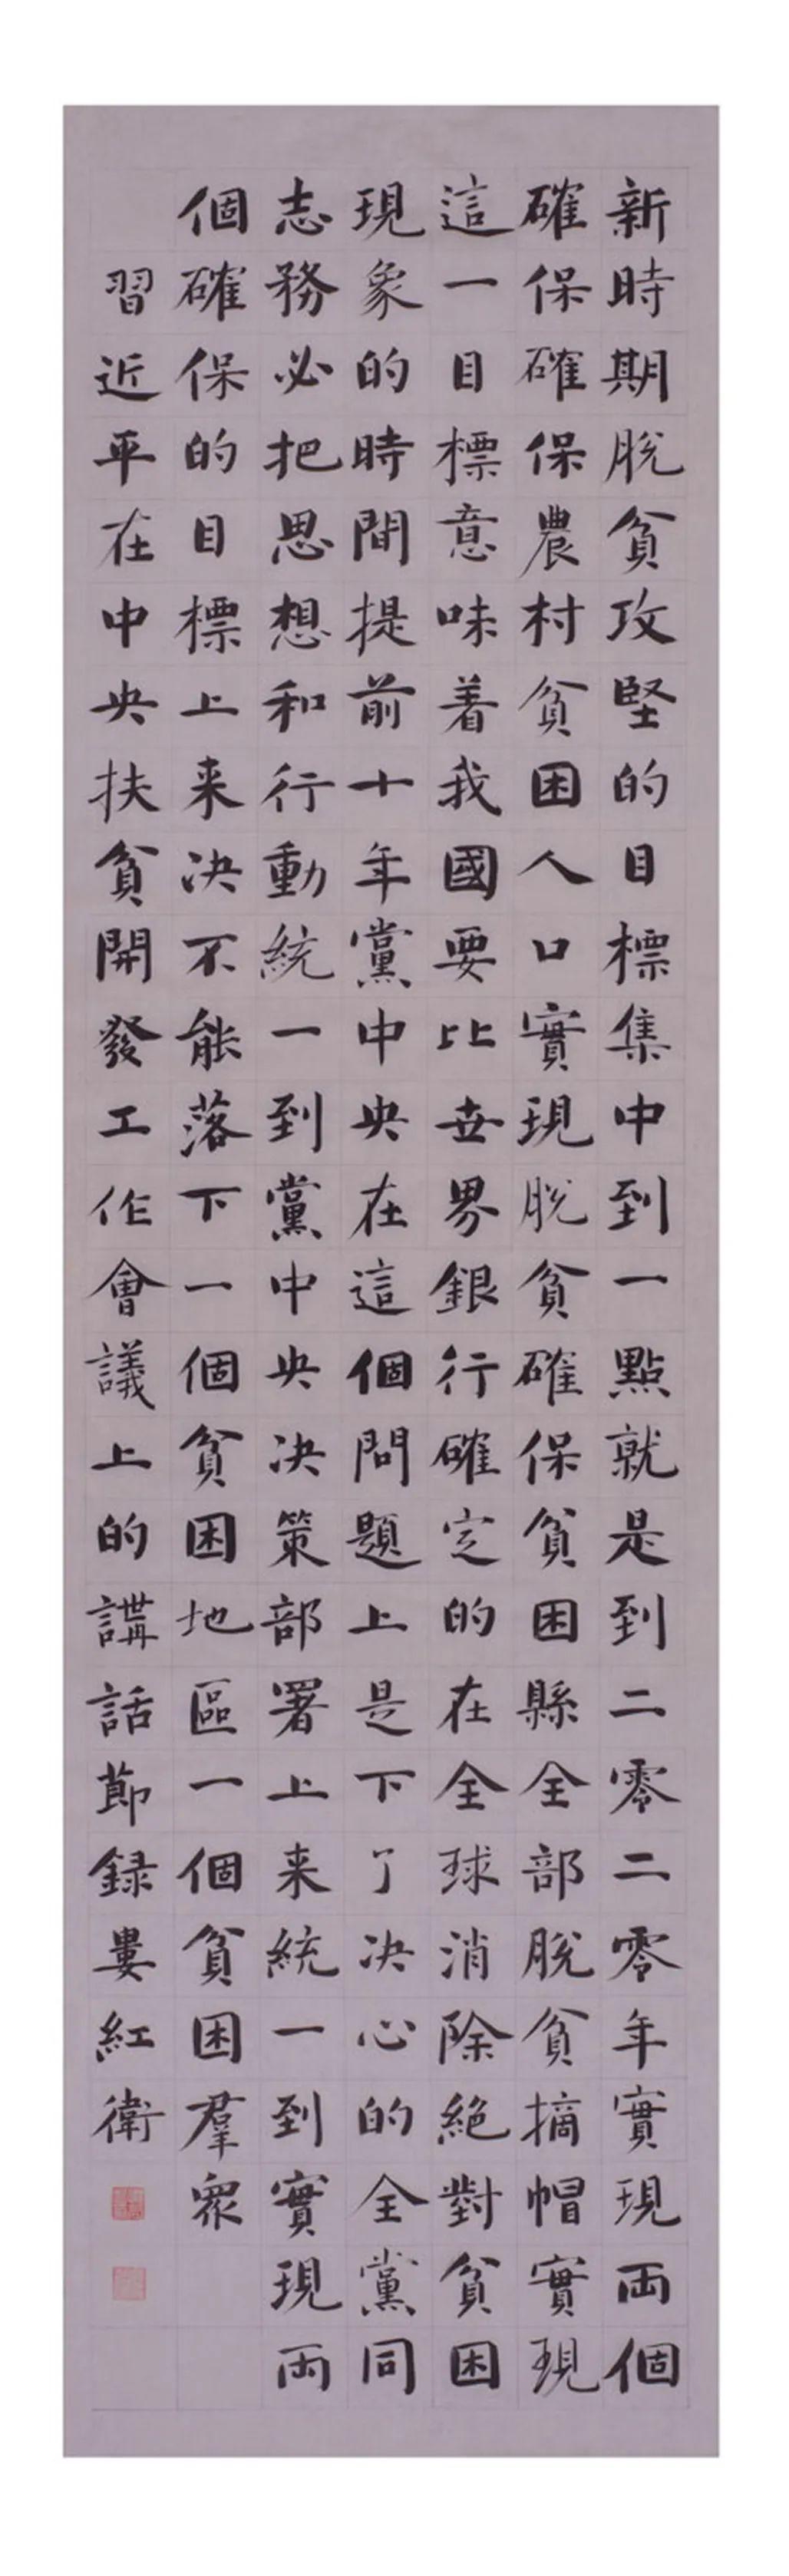 中国力量——全国扶贫书法大展作品 | 第一篇章 :人民至上(图34)